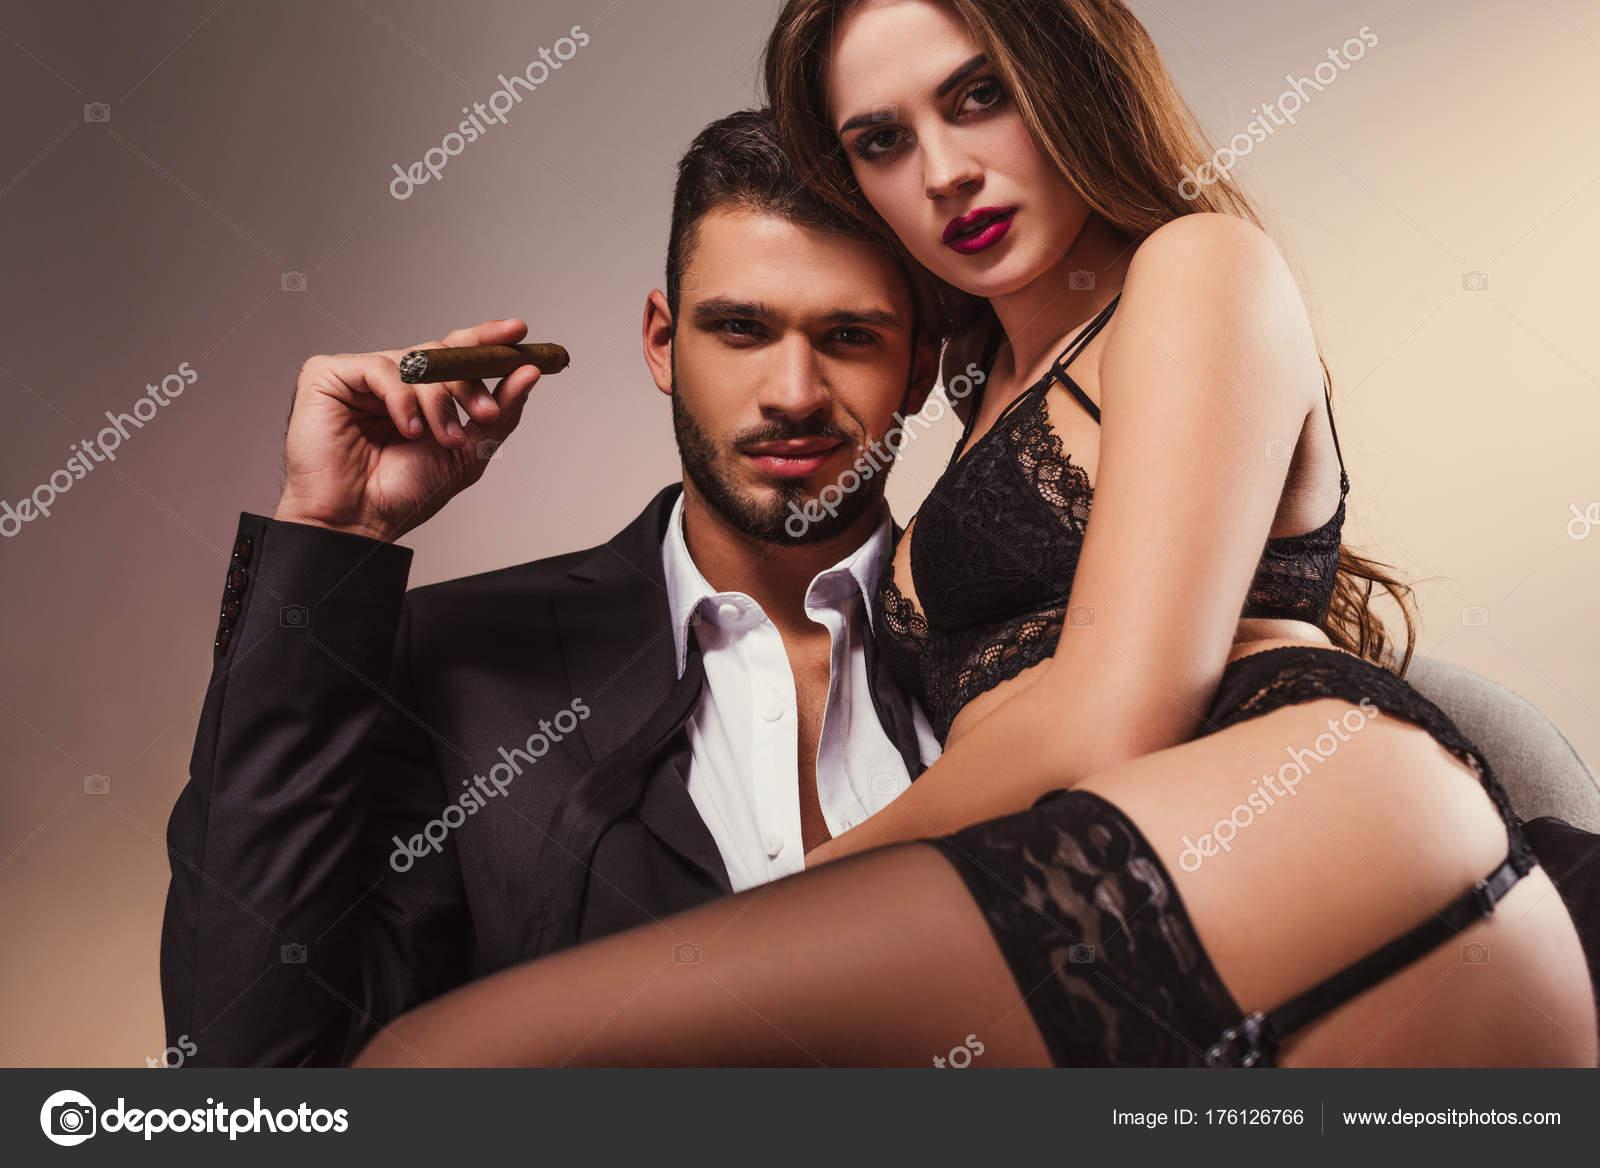 Очень красивые профессиональное фото девушек в нижнем белье, красивые секретарши в мини фото